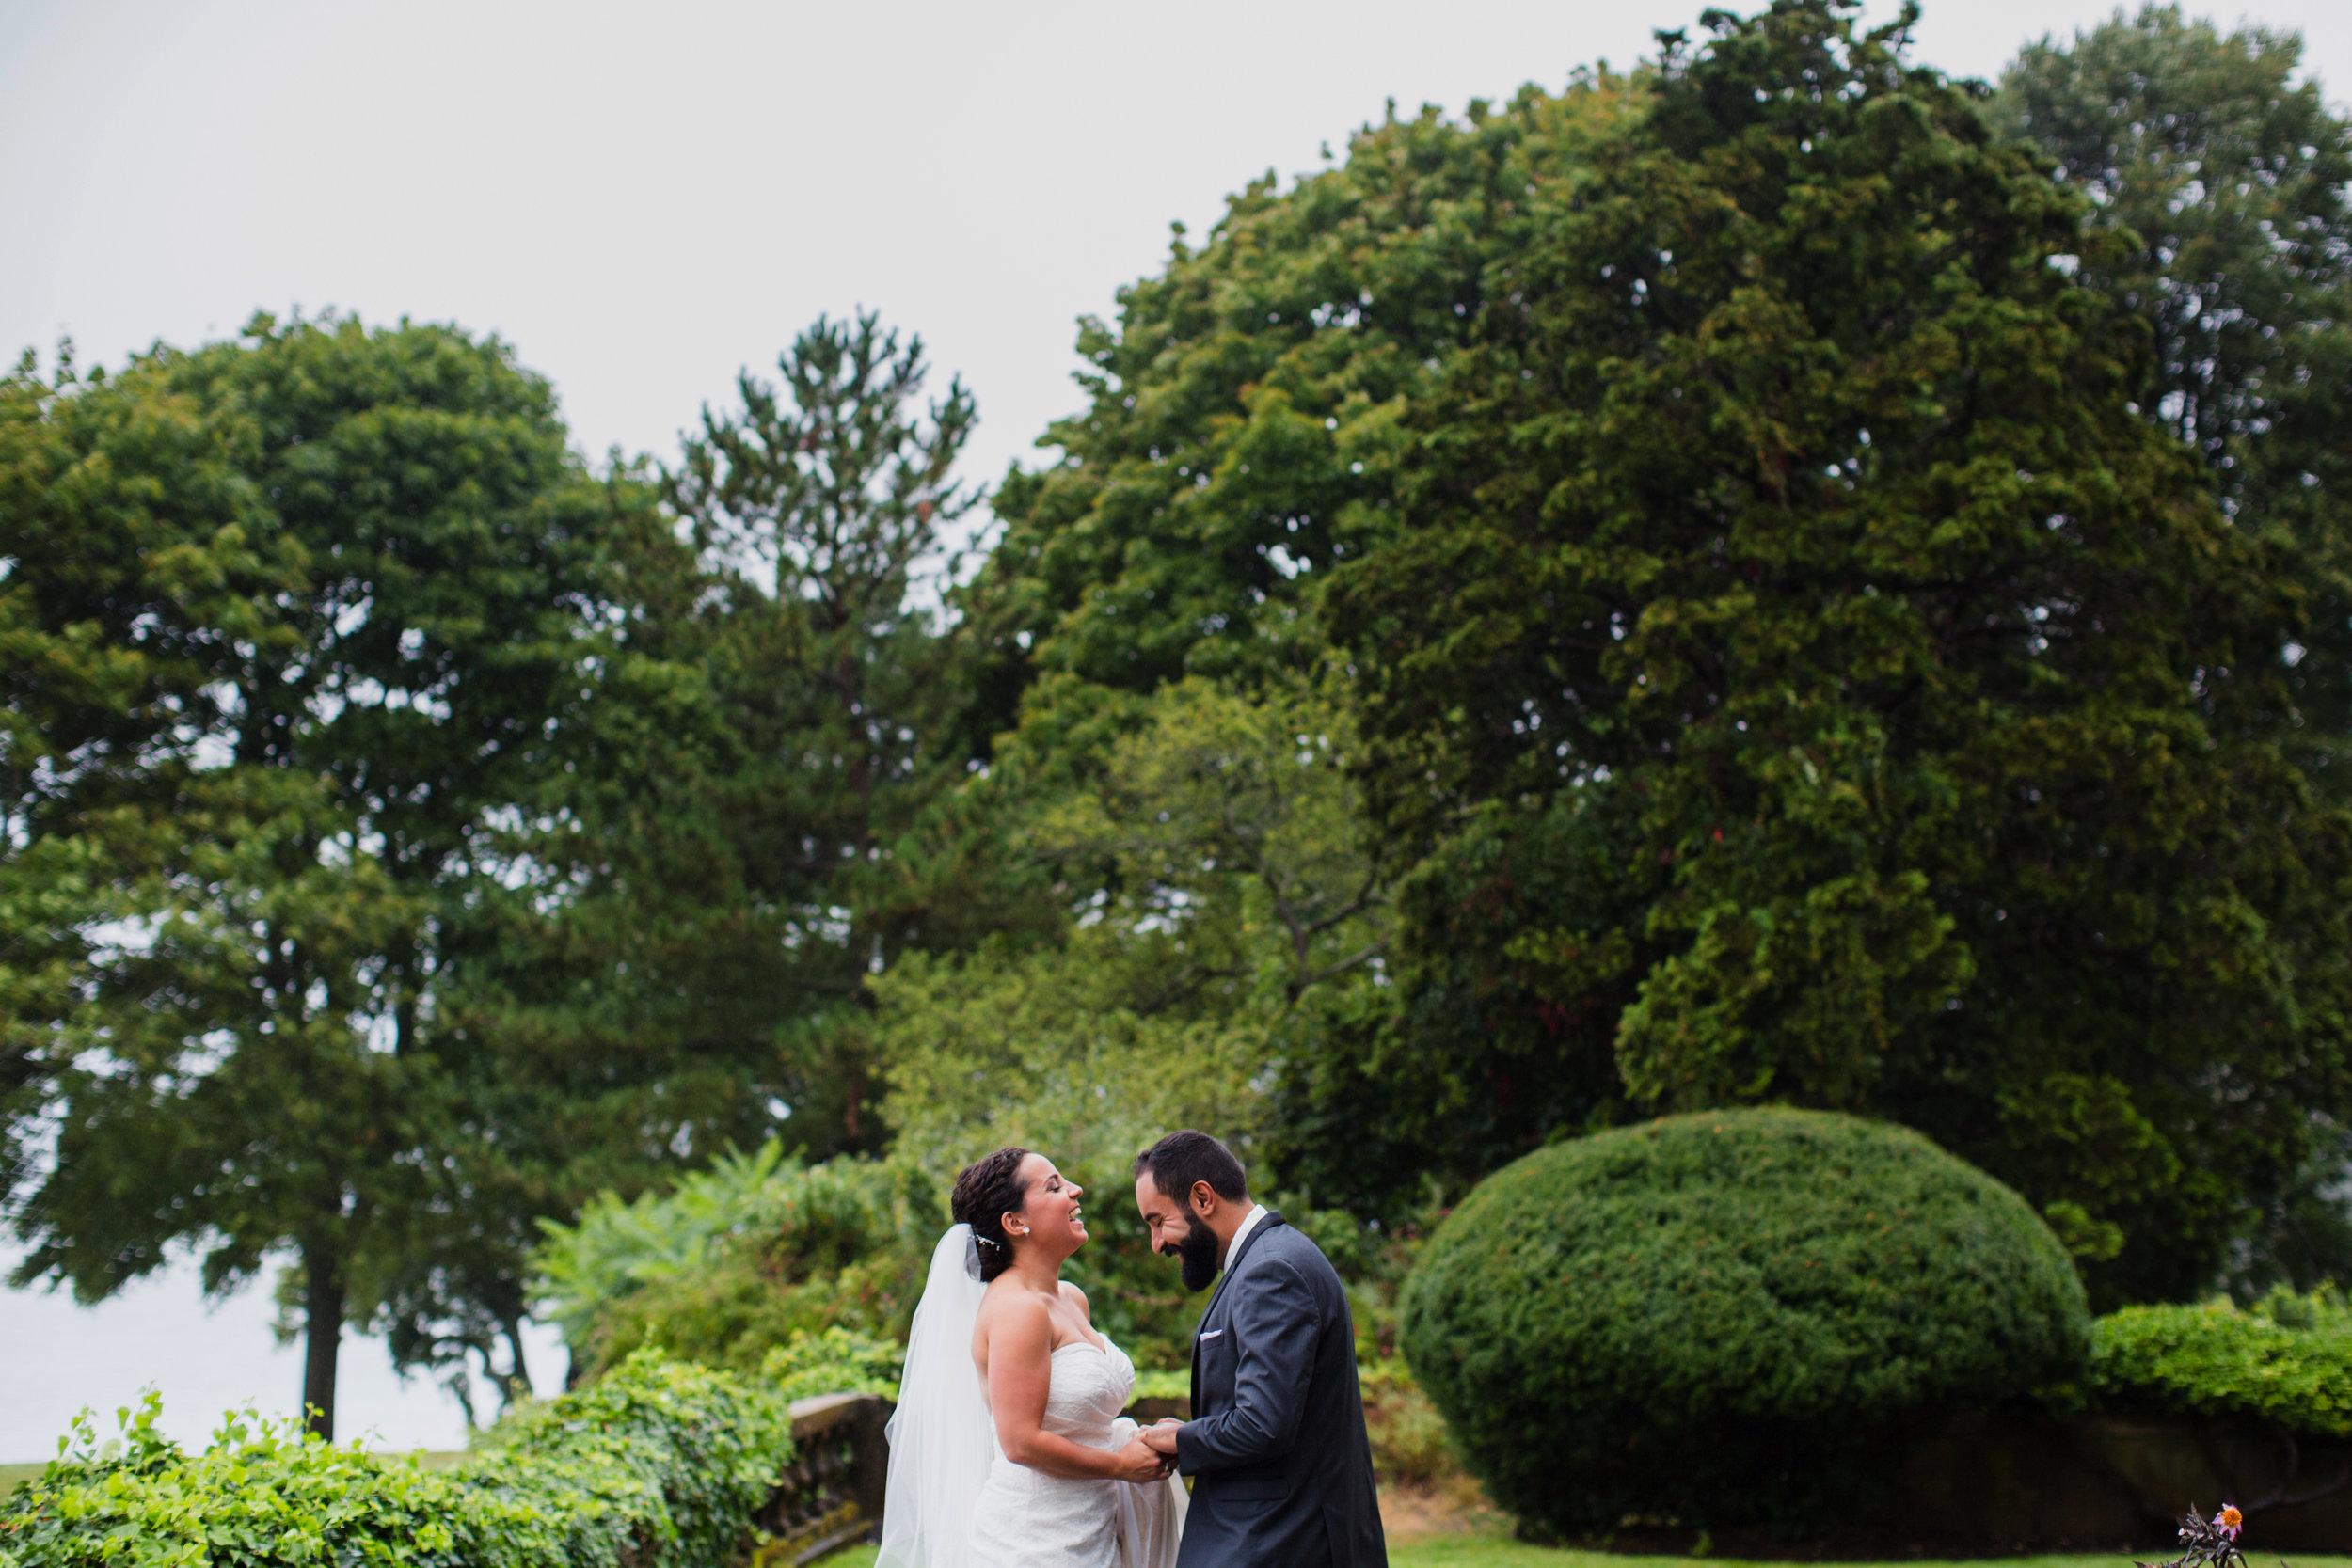 misselwood-wedding-005.JPG